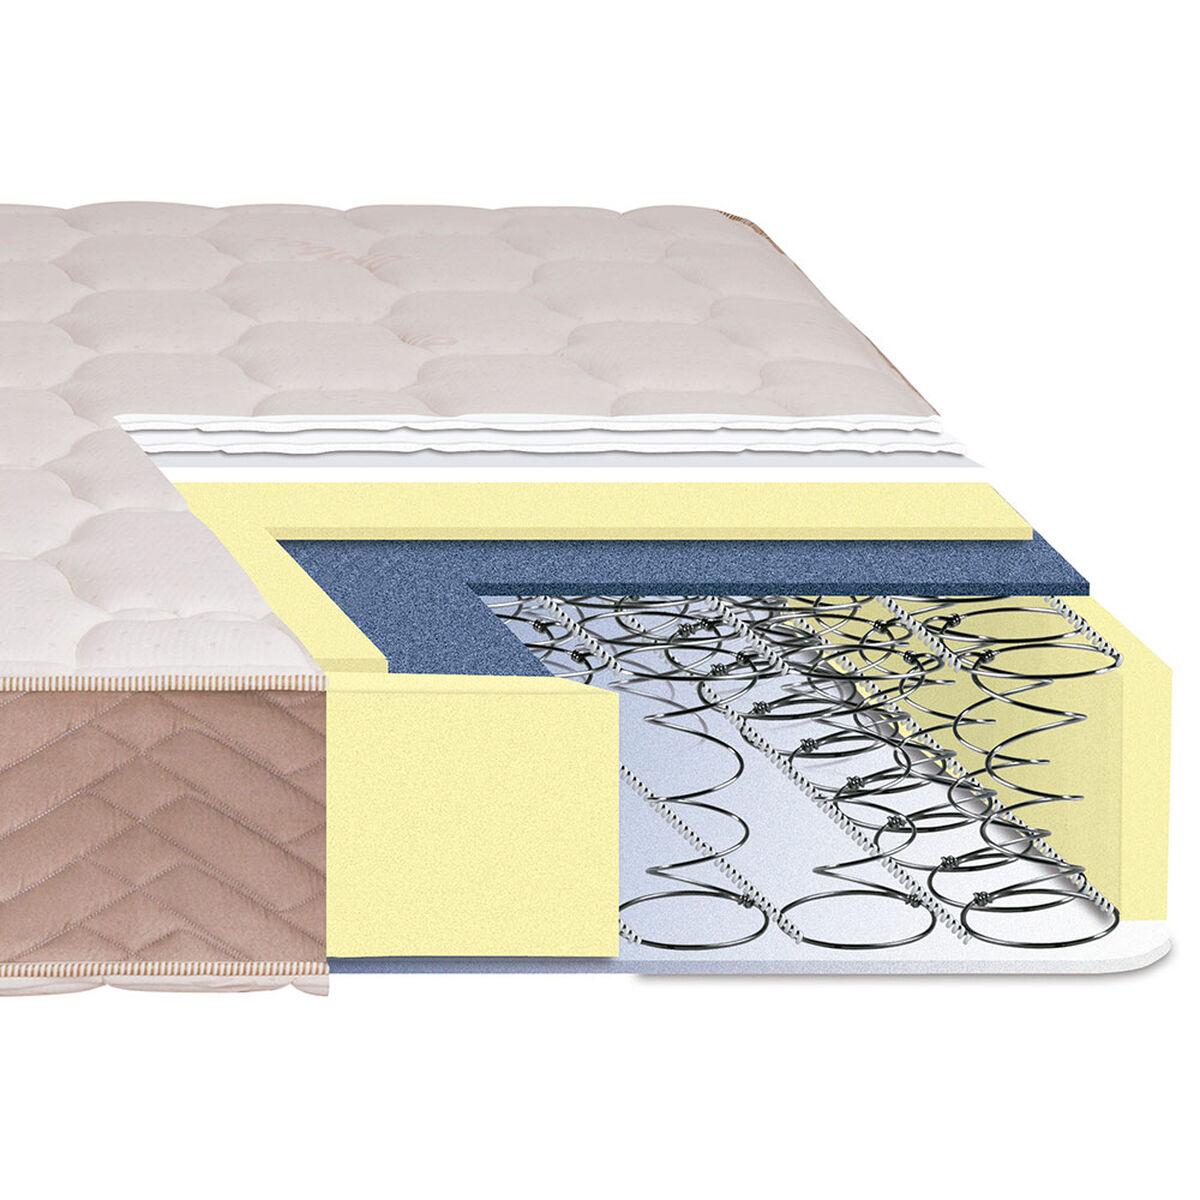 Cama Europea Celta 2 Plazas Base Dividida Bamboo + Textil + Almohadas